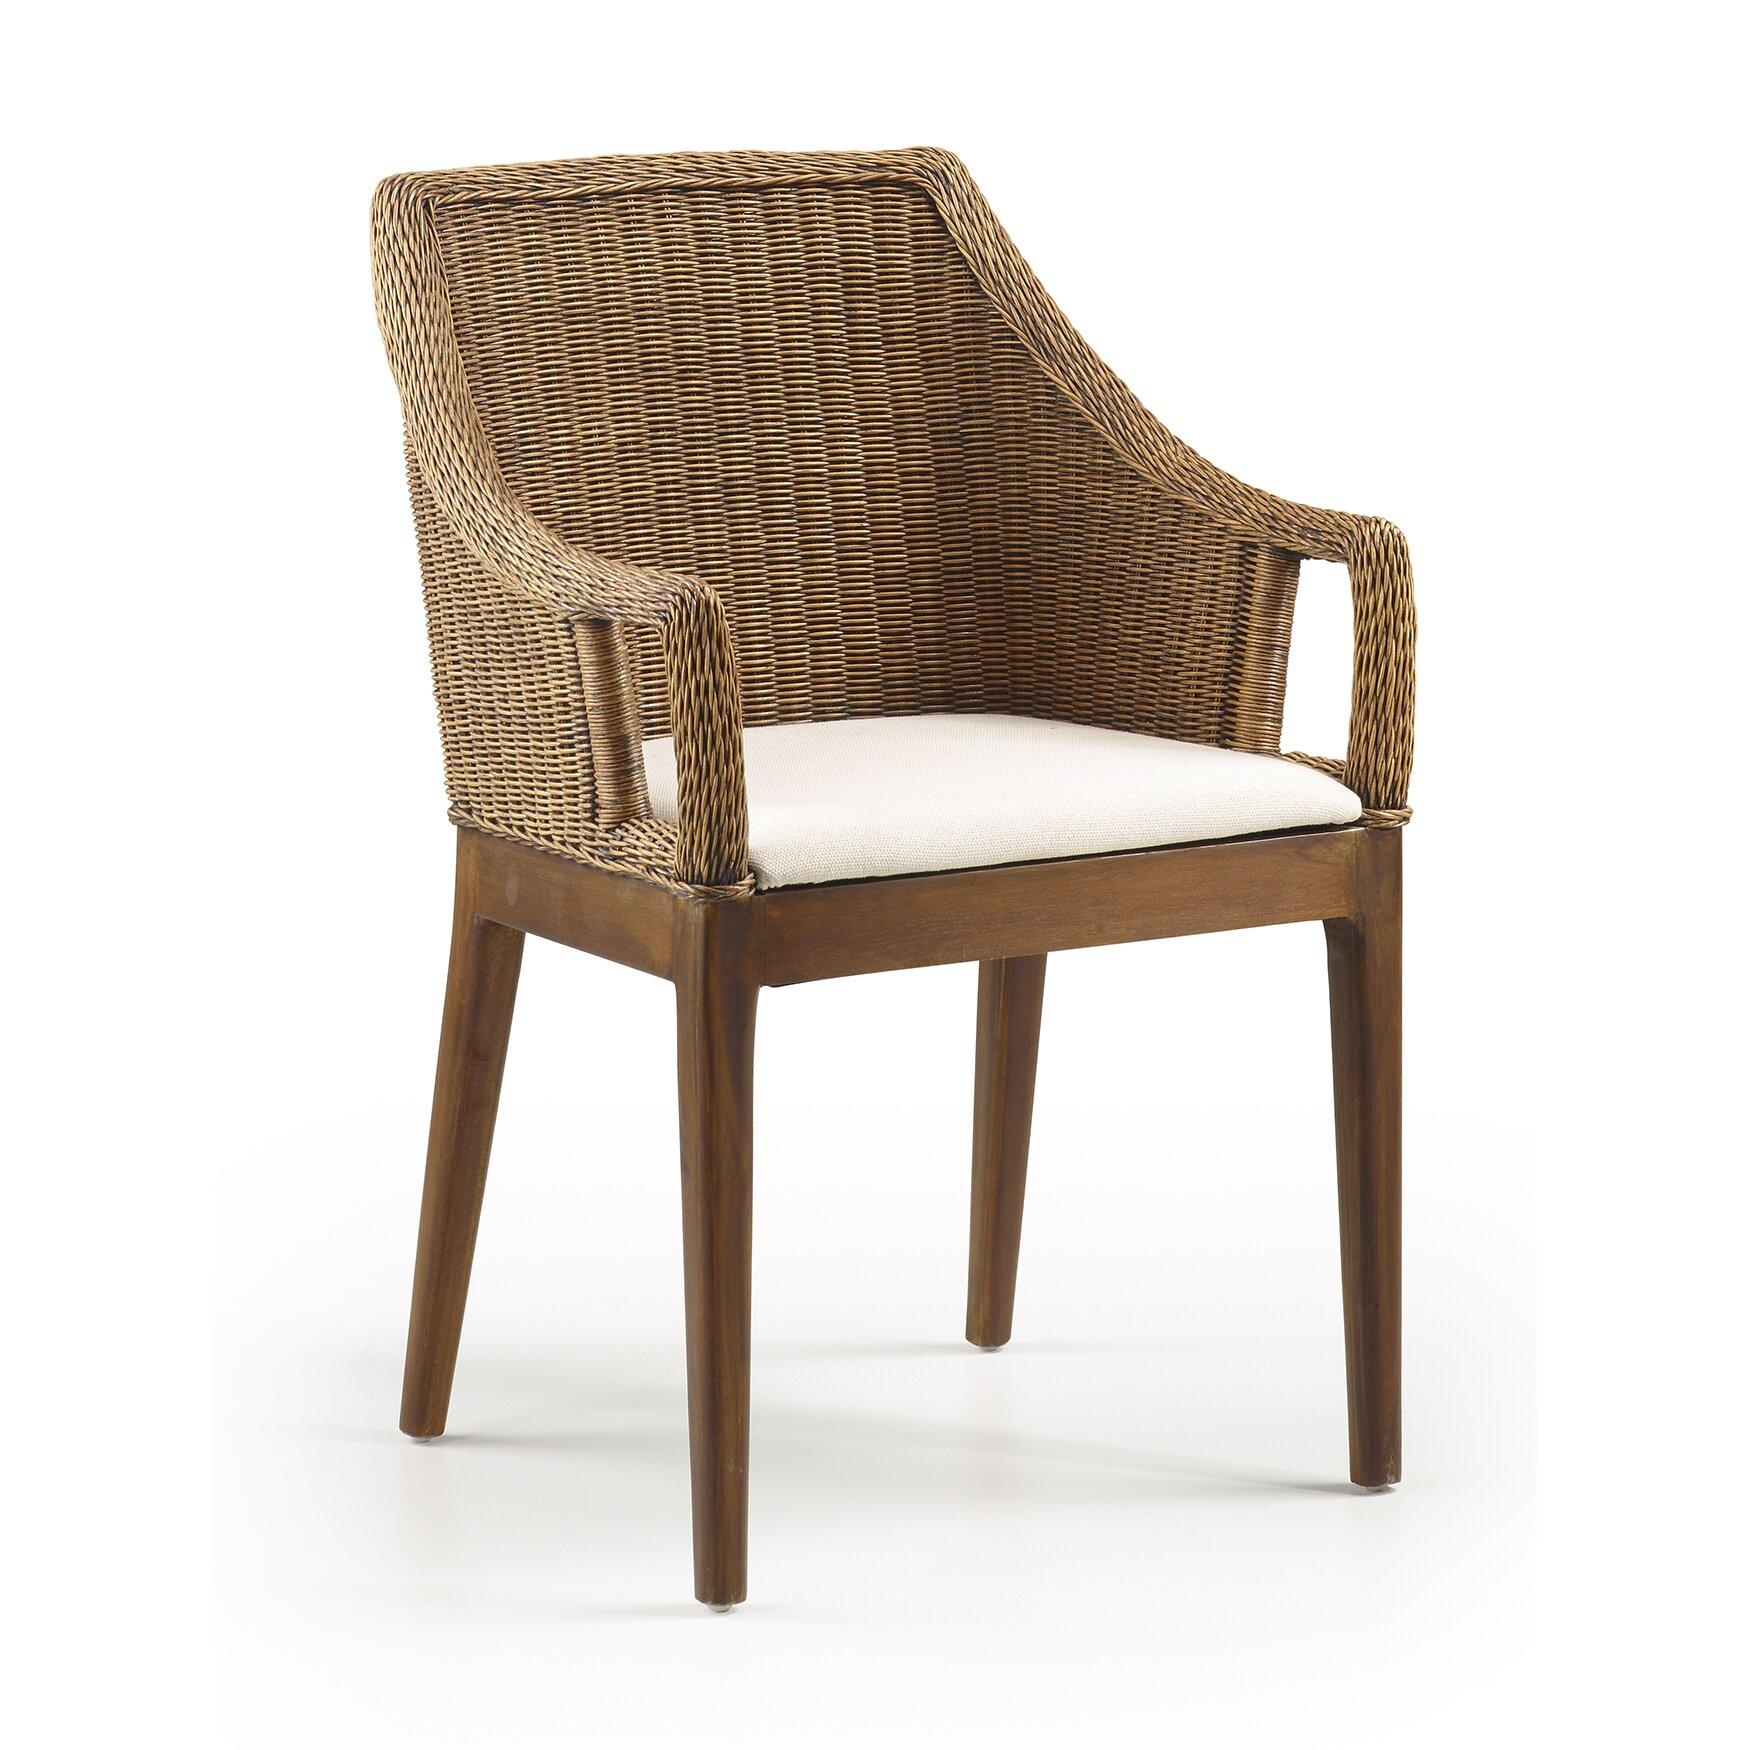 upholstered dining chair wayfair uk. Black Bedroom Furniture Sets. Home Design Ideas